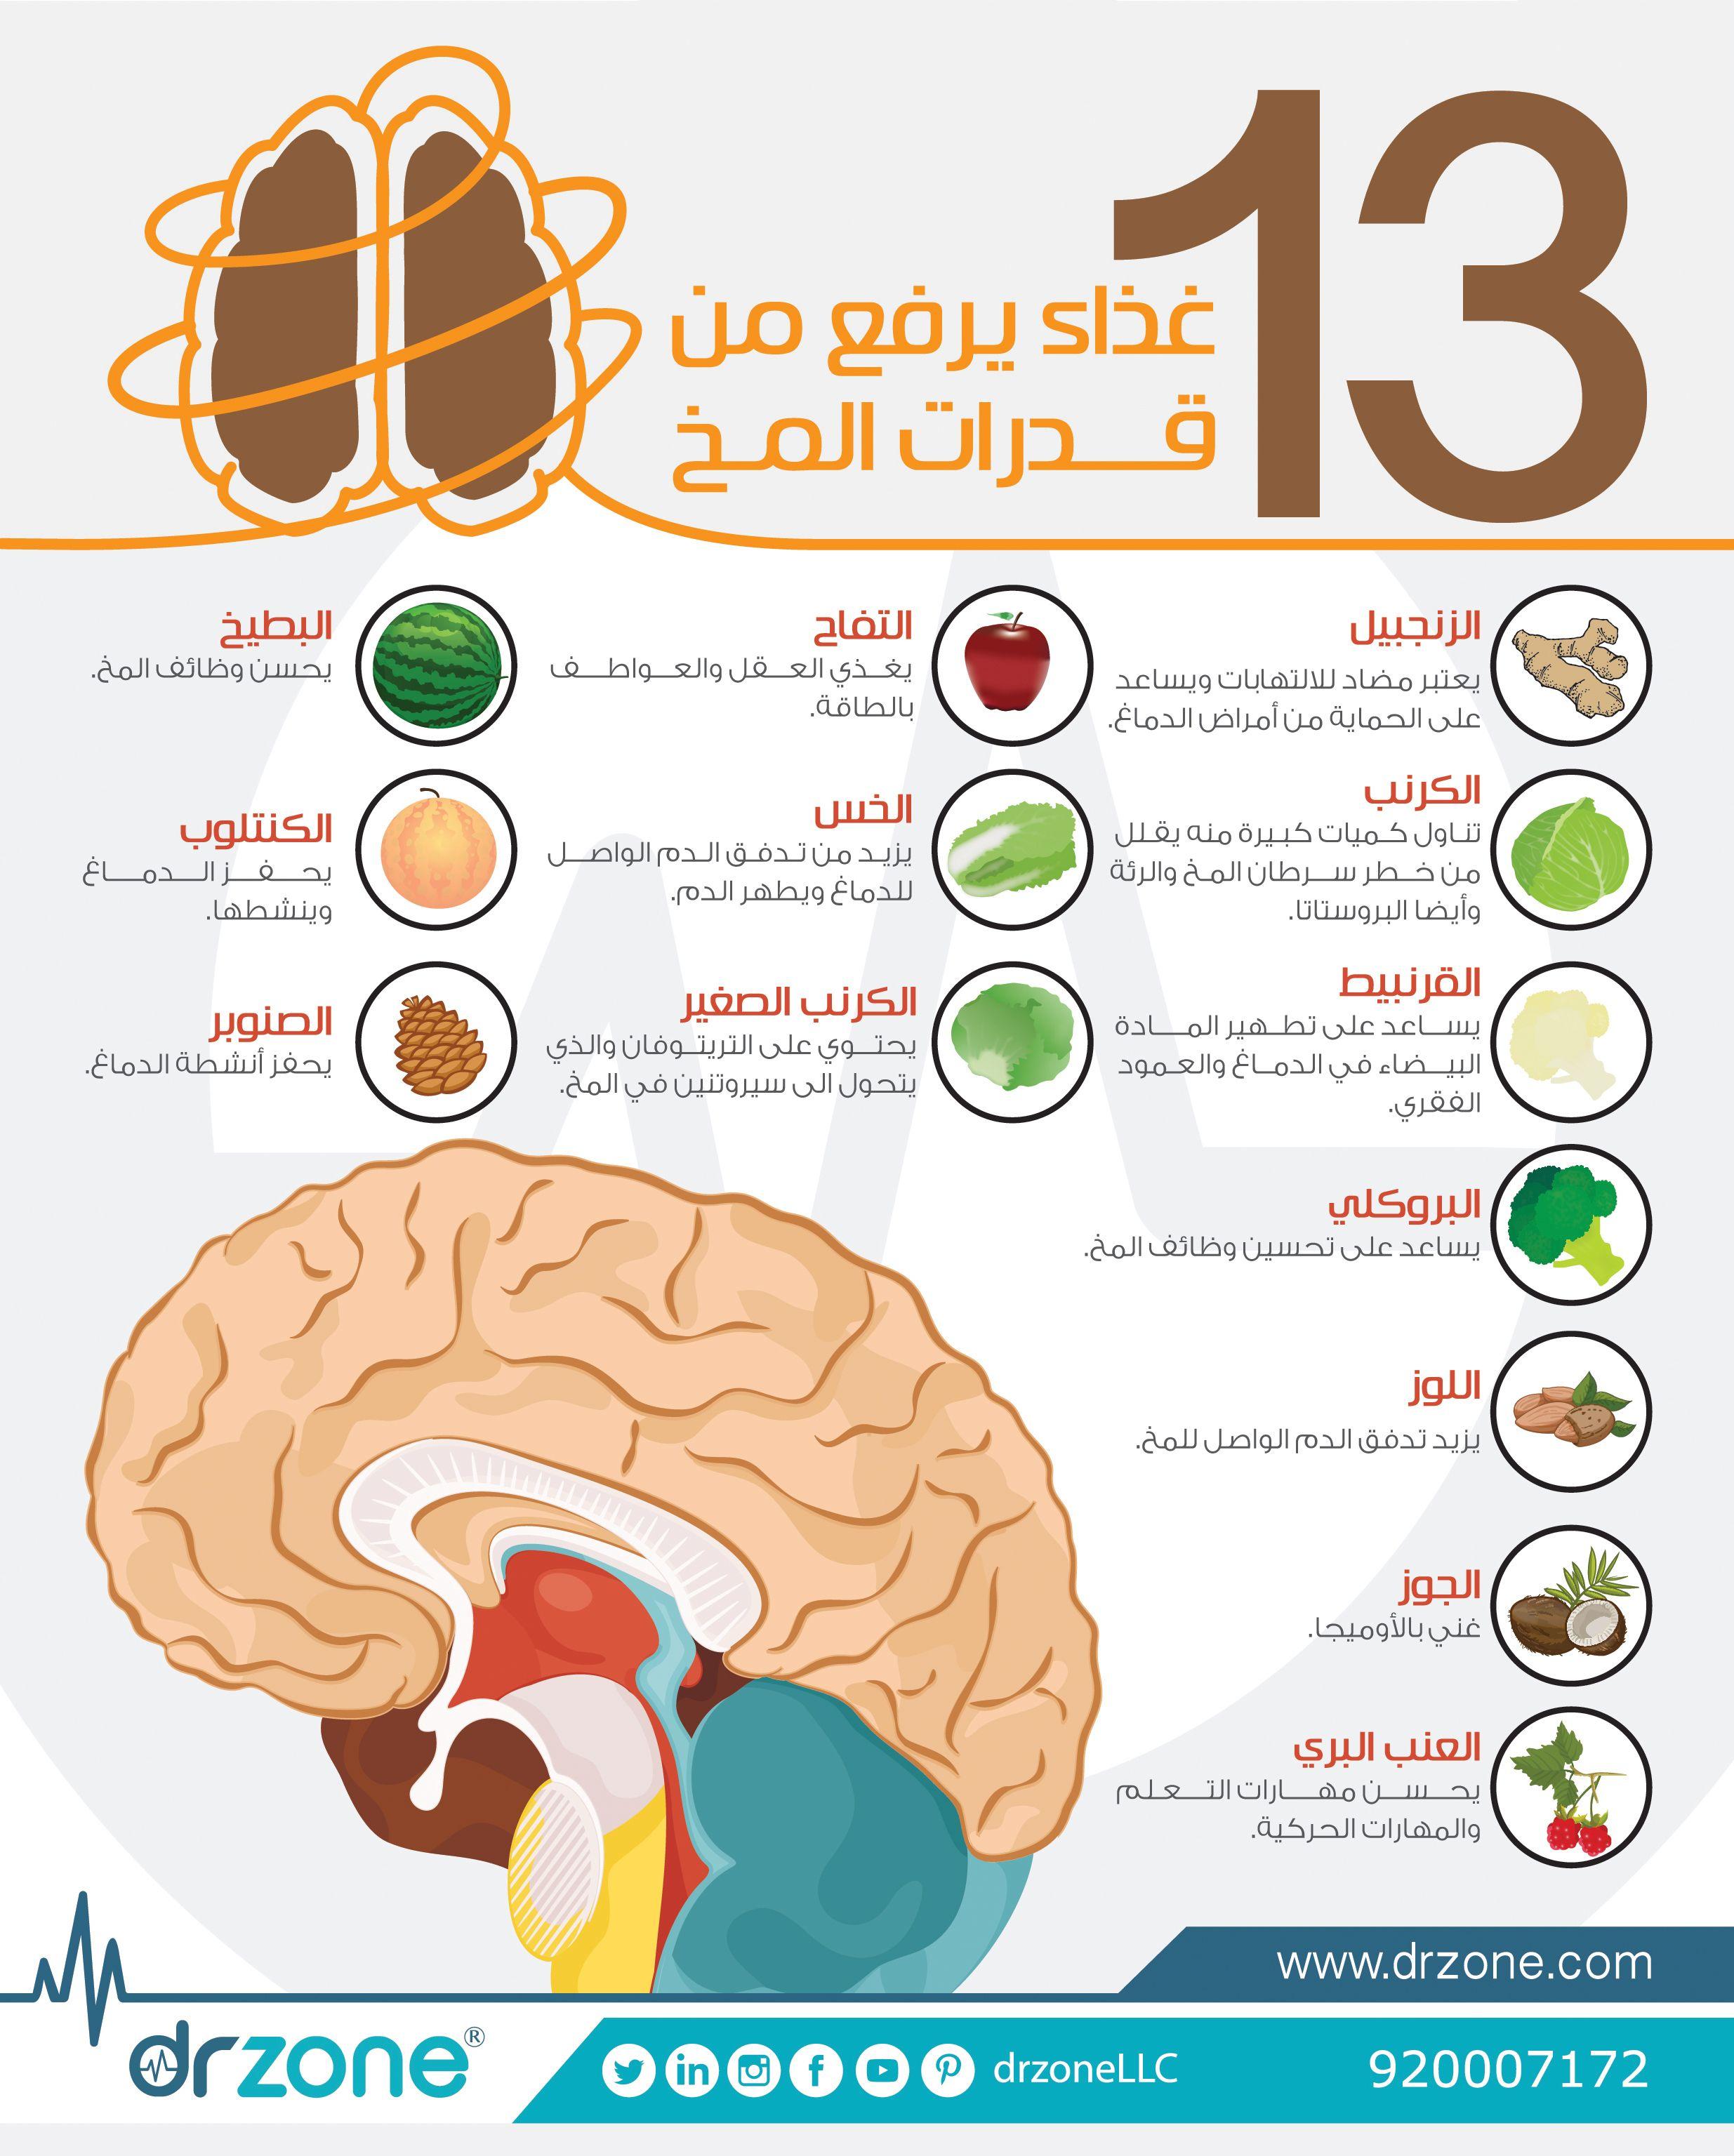 ١٣ غذاء يرفع من قدرات المخ Health Facts Food Brain Food Health Facts